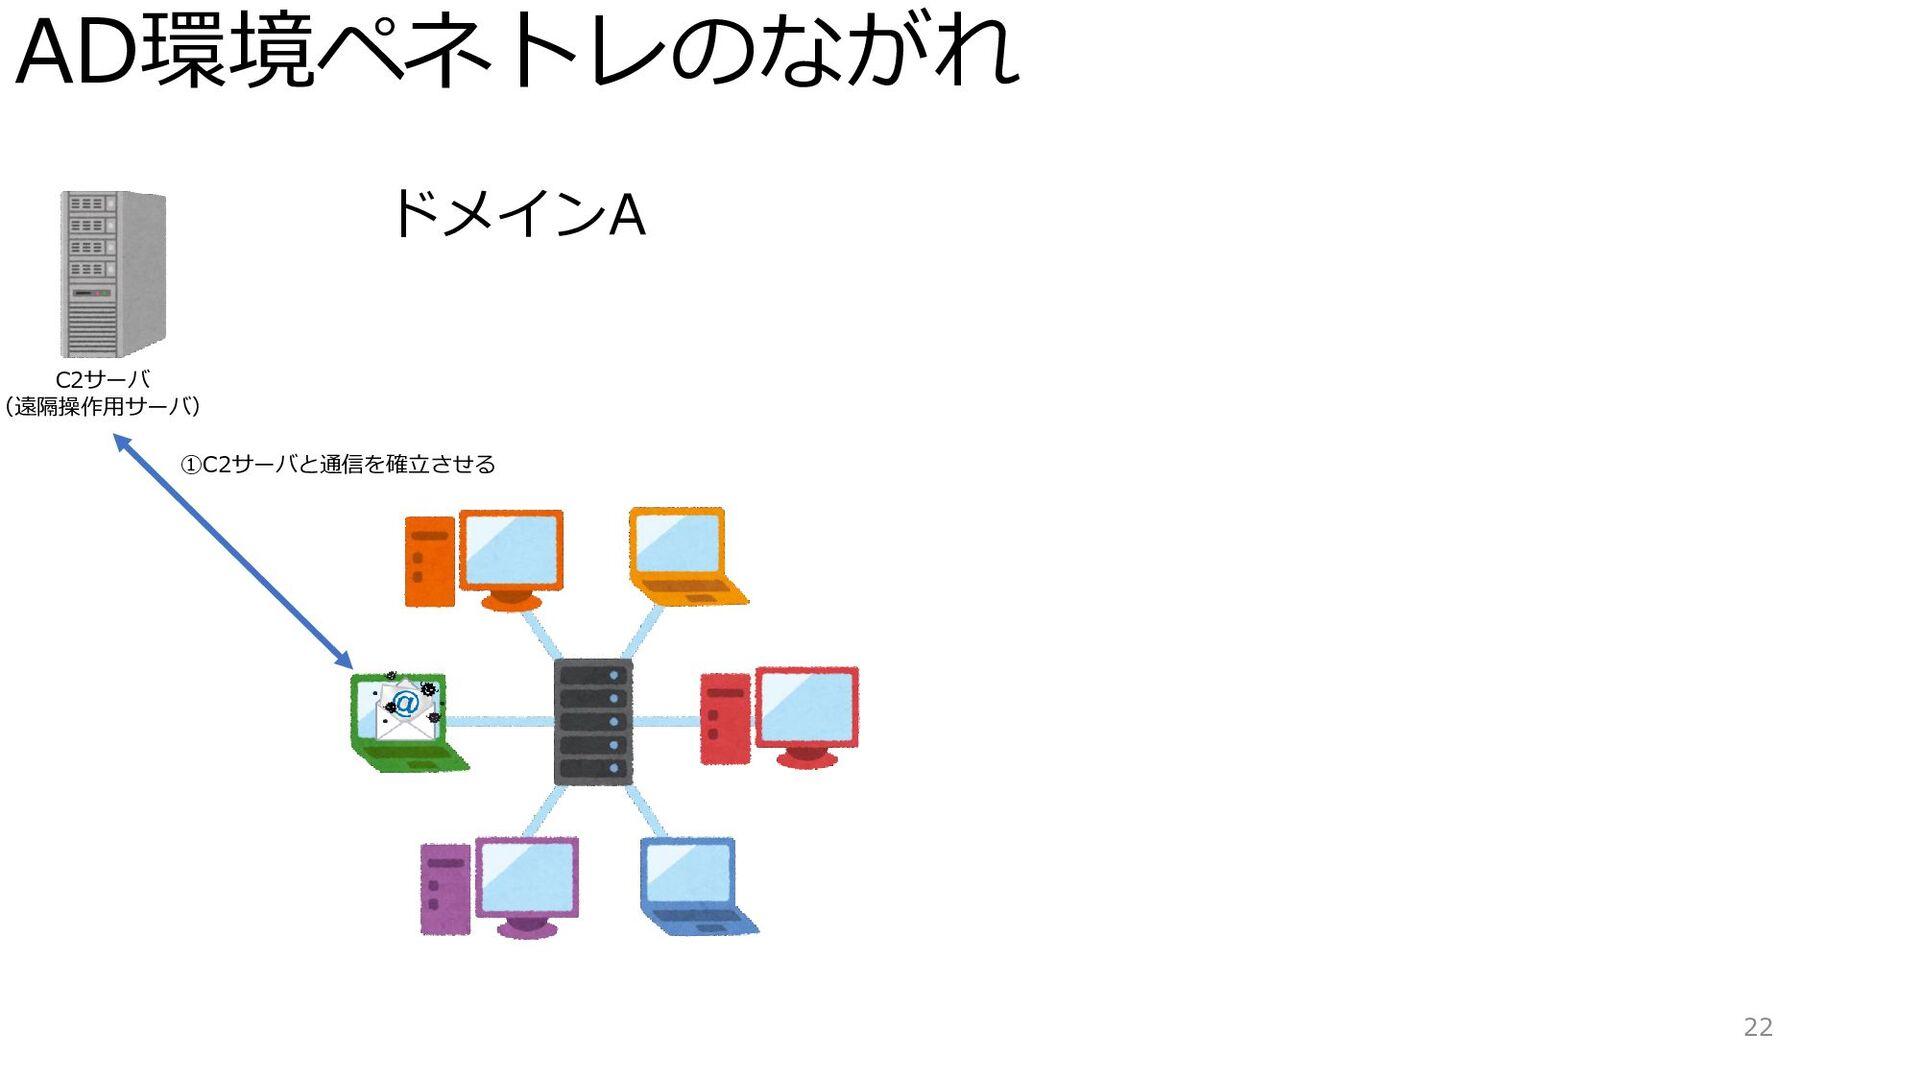 AD環境ペネトレのながれ 22 ドメインA C2サーバ (遠隔操作用サーバ) ①C2サーバと通...